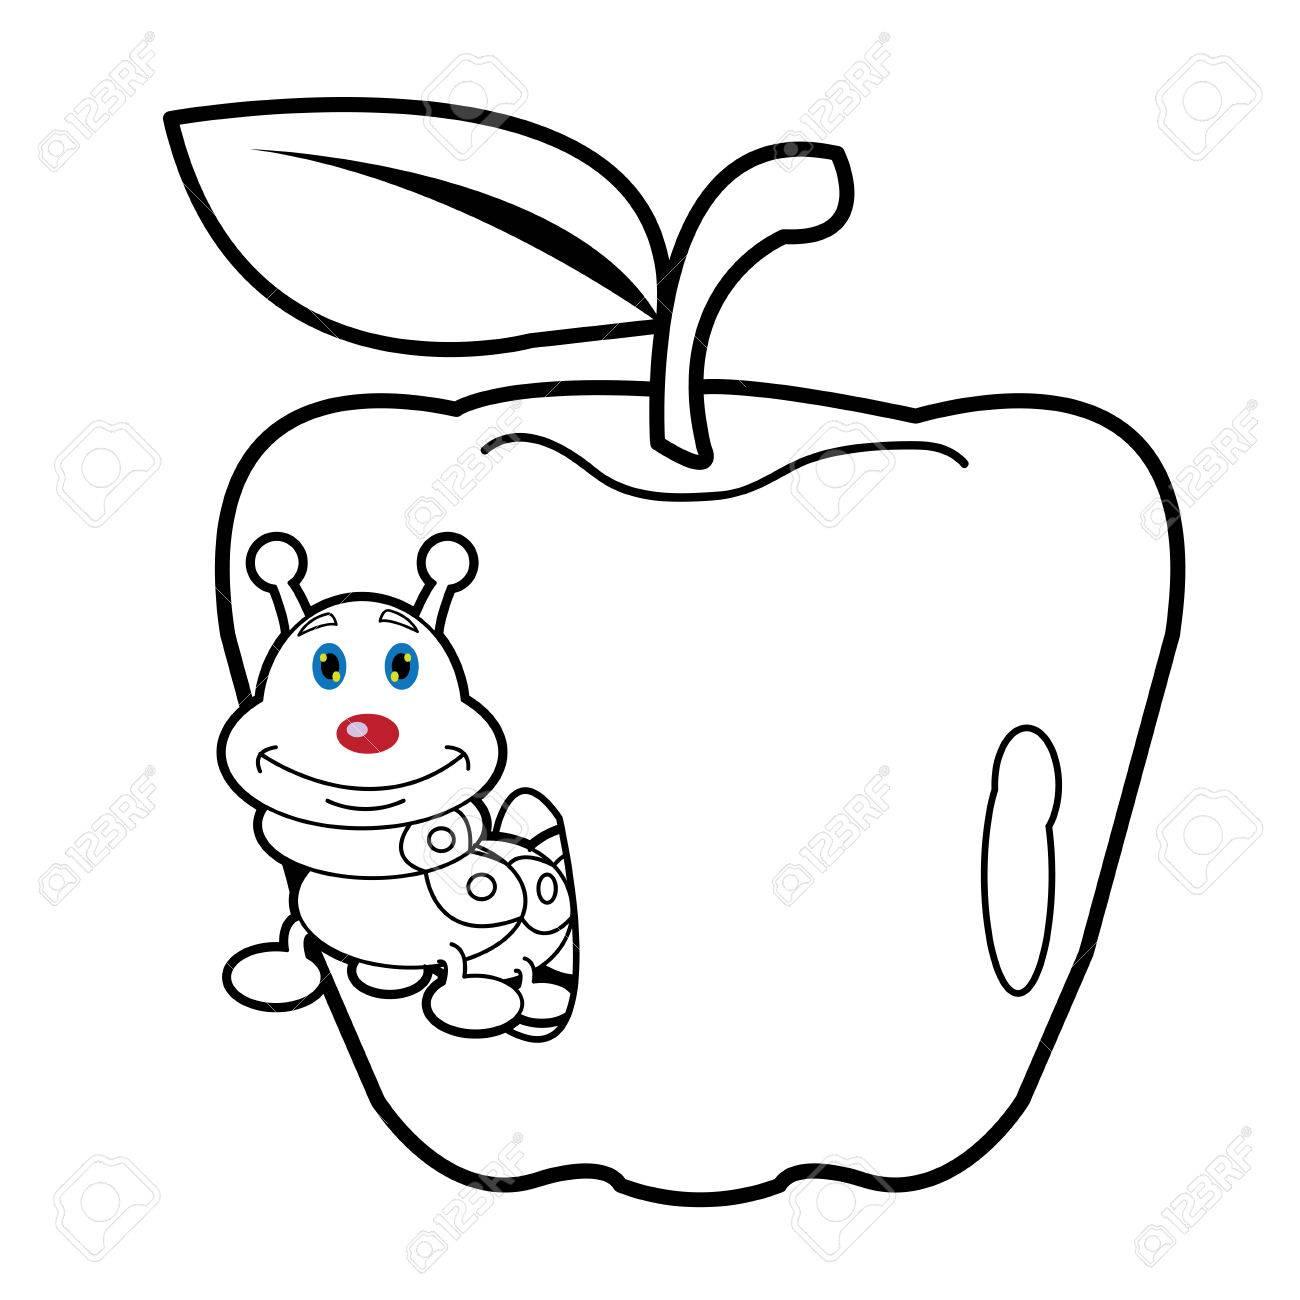 Larva Gusano Y Manzana Dibujos Animados Para Colorear Pagina Para